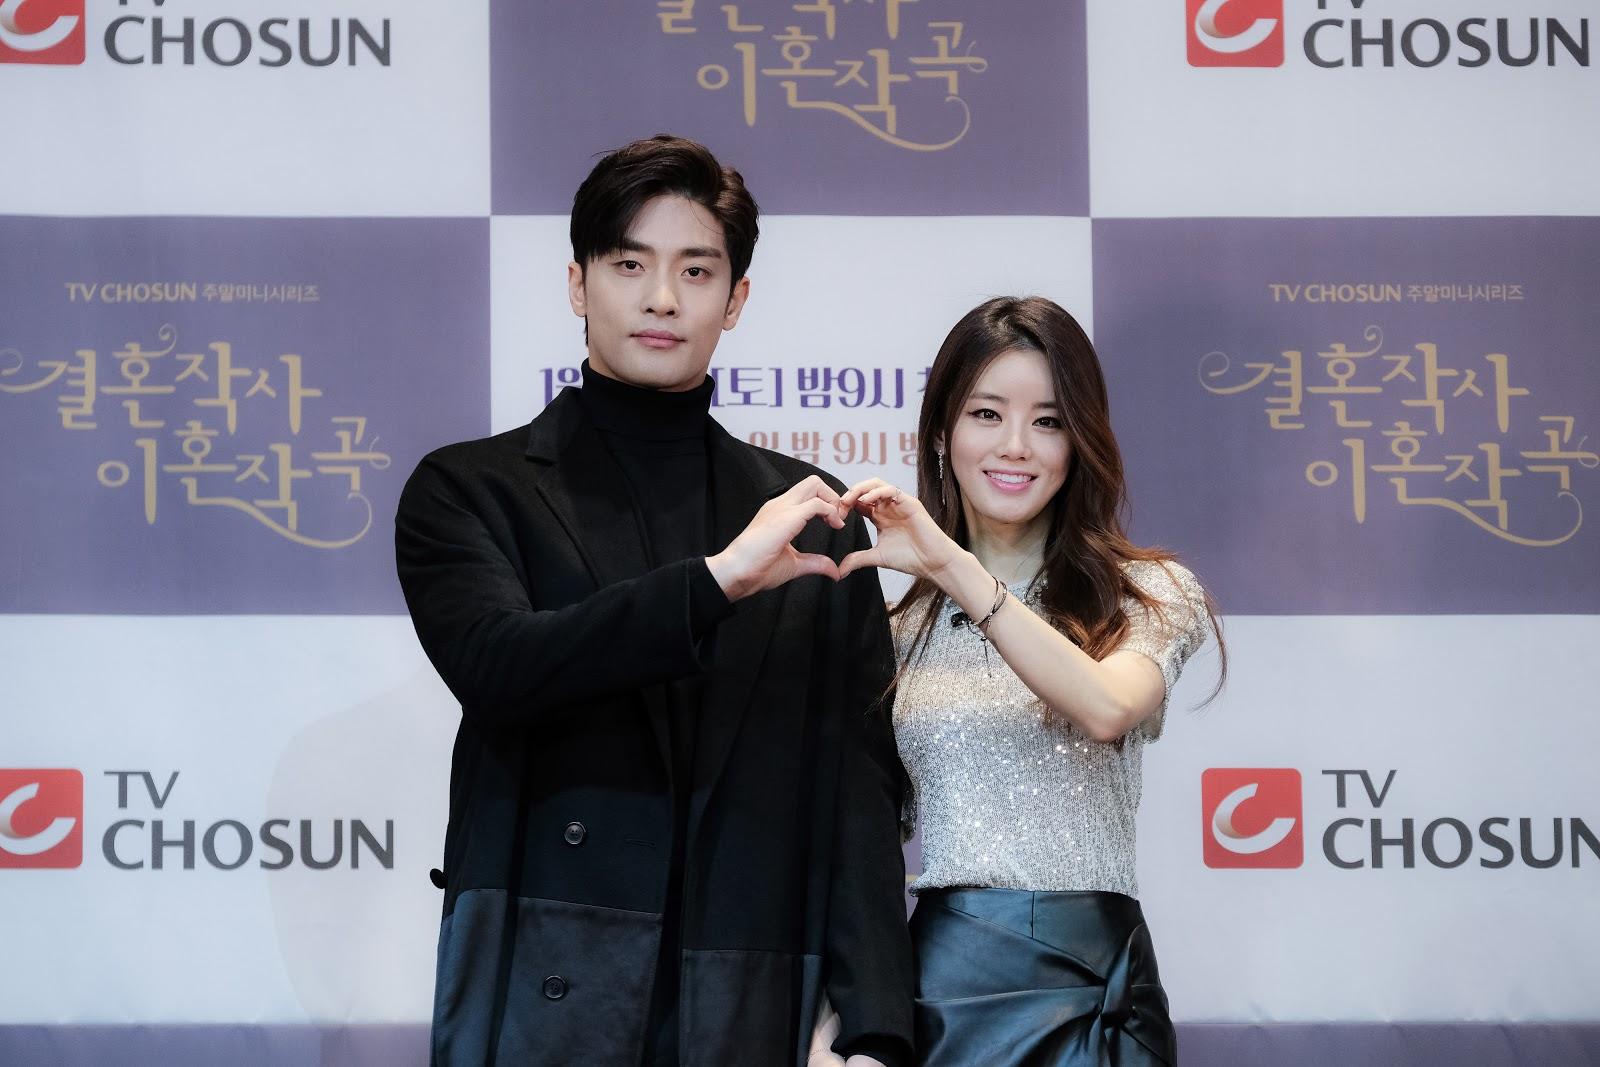 Sung Hoon and Lee Ga Ryung